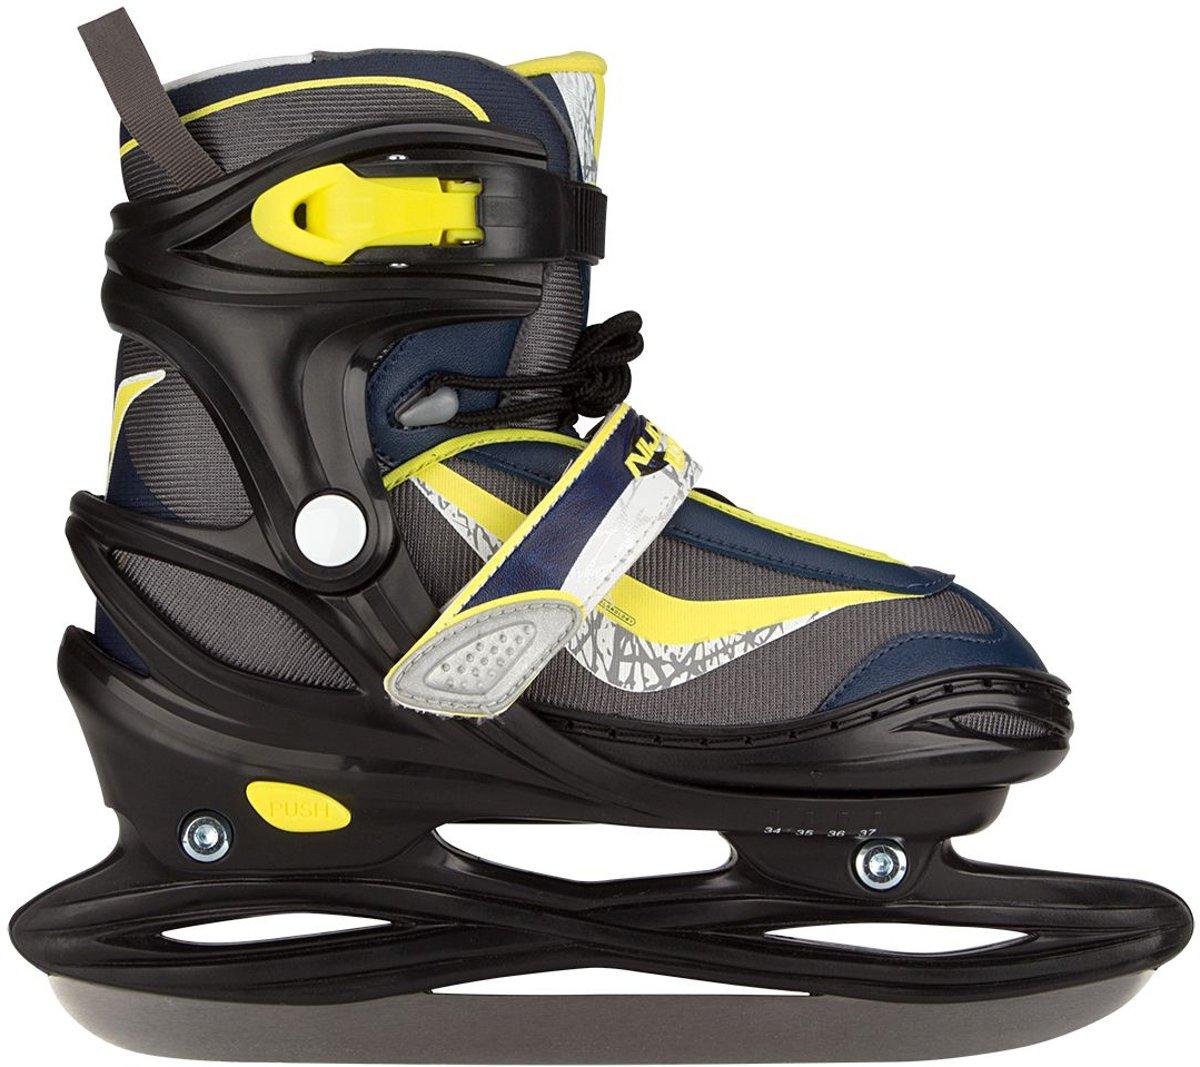 Nijdam 3177 Junior IJshockeyschaats Junior Verstelbaar - Semi-Softboot - Antraciet/Marine/Fluorgeel - 38-41